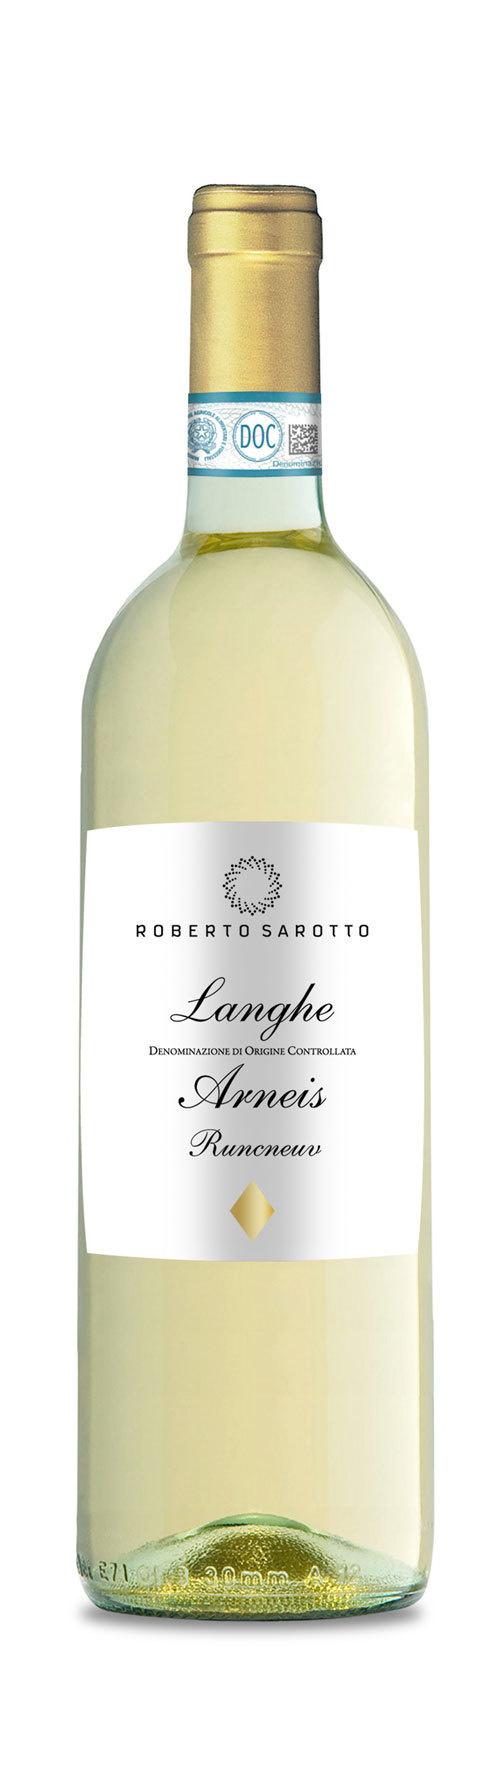 Sarotto, Roberto - Piemont 2020 Langhe Arneis Runcneuv DOC Roberto Sarotto